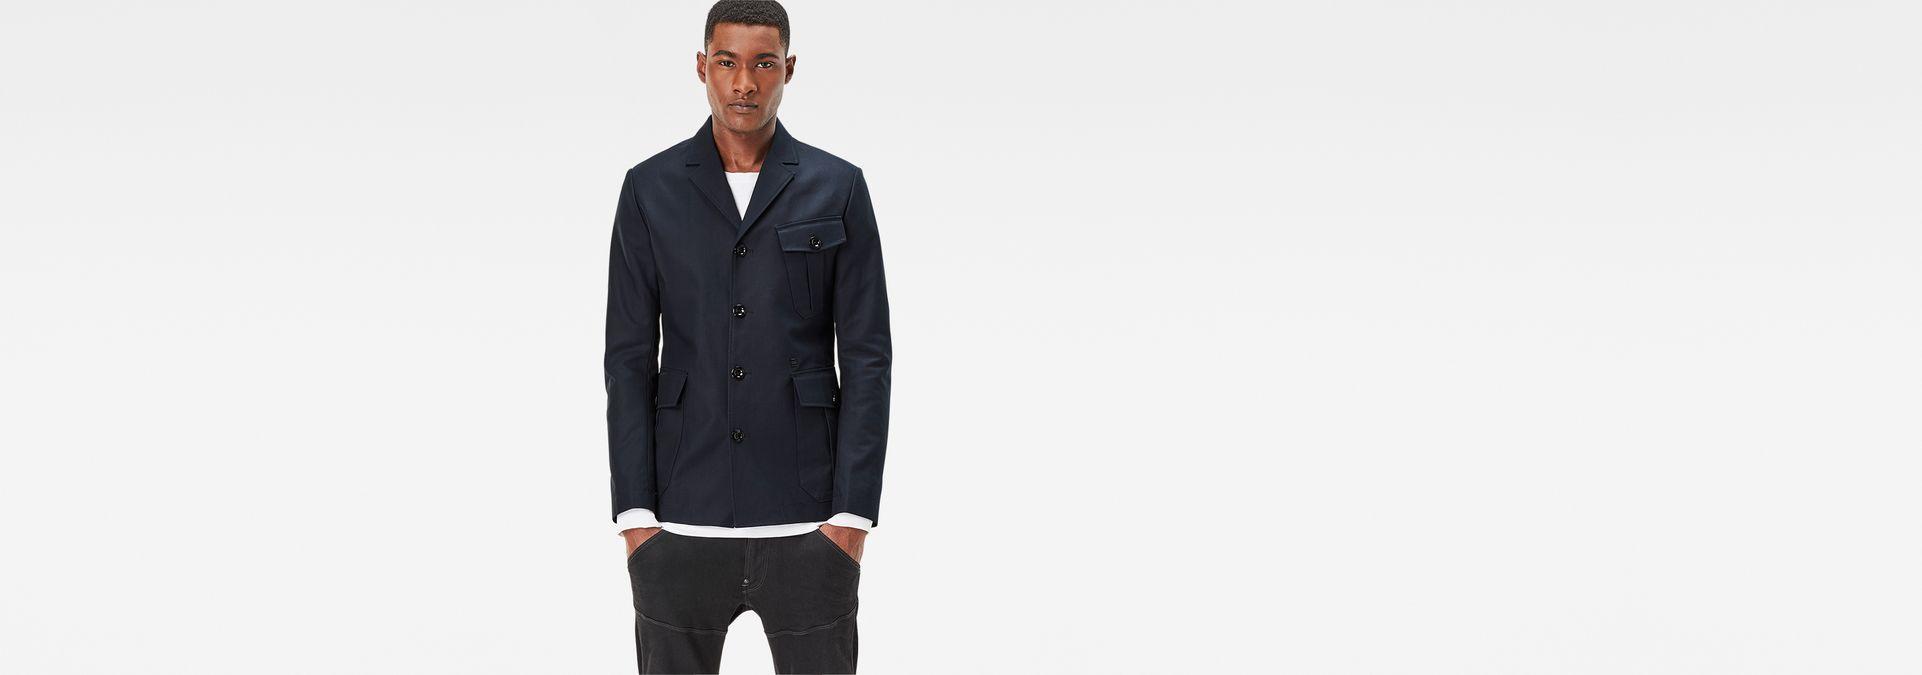 mvn slim blazer mazarine blue men sale g star raw. Black Bedroom Furniture Sets. Home Design Ideas